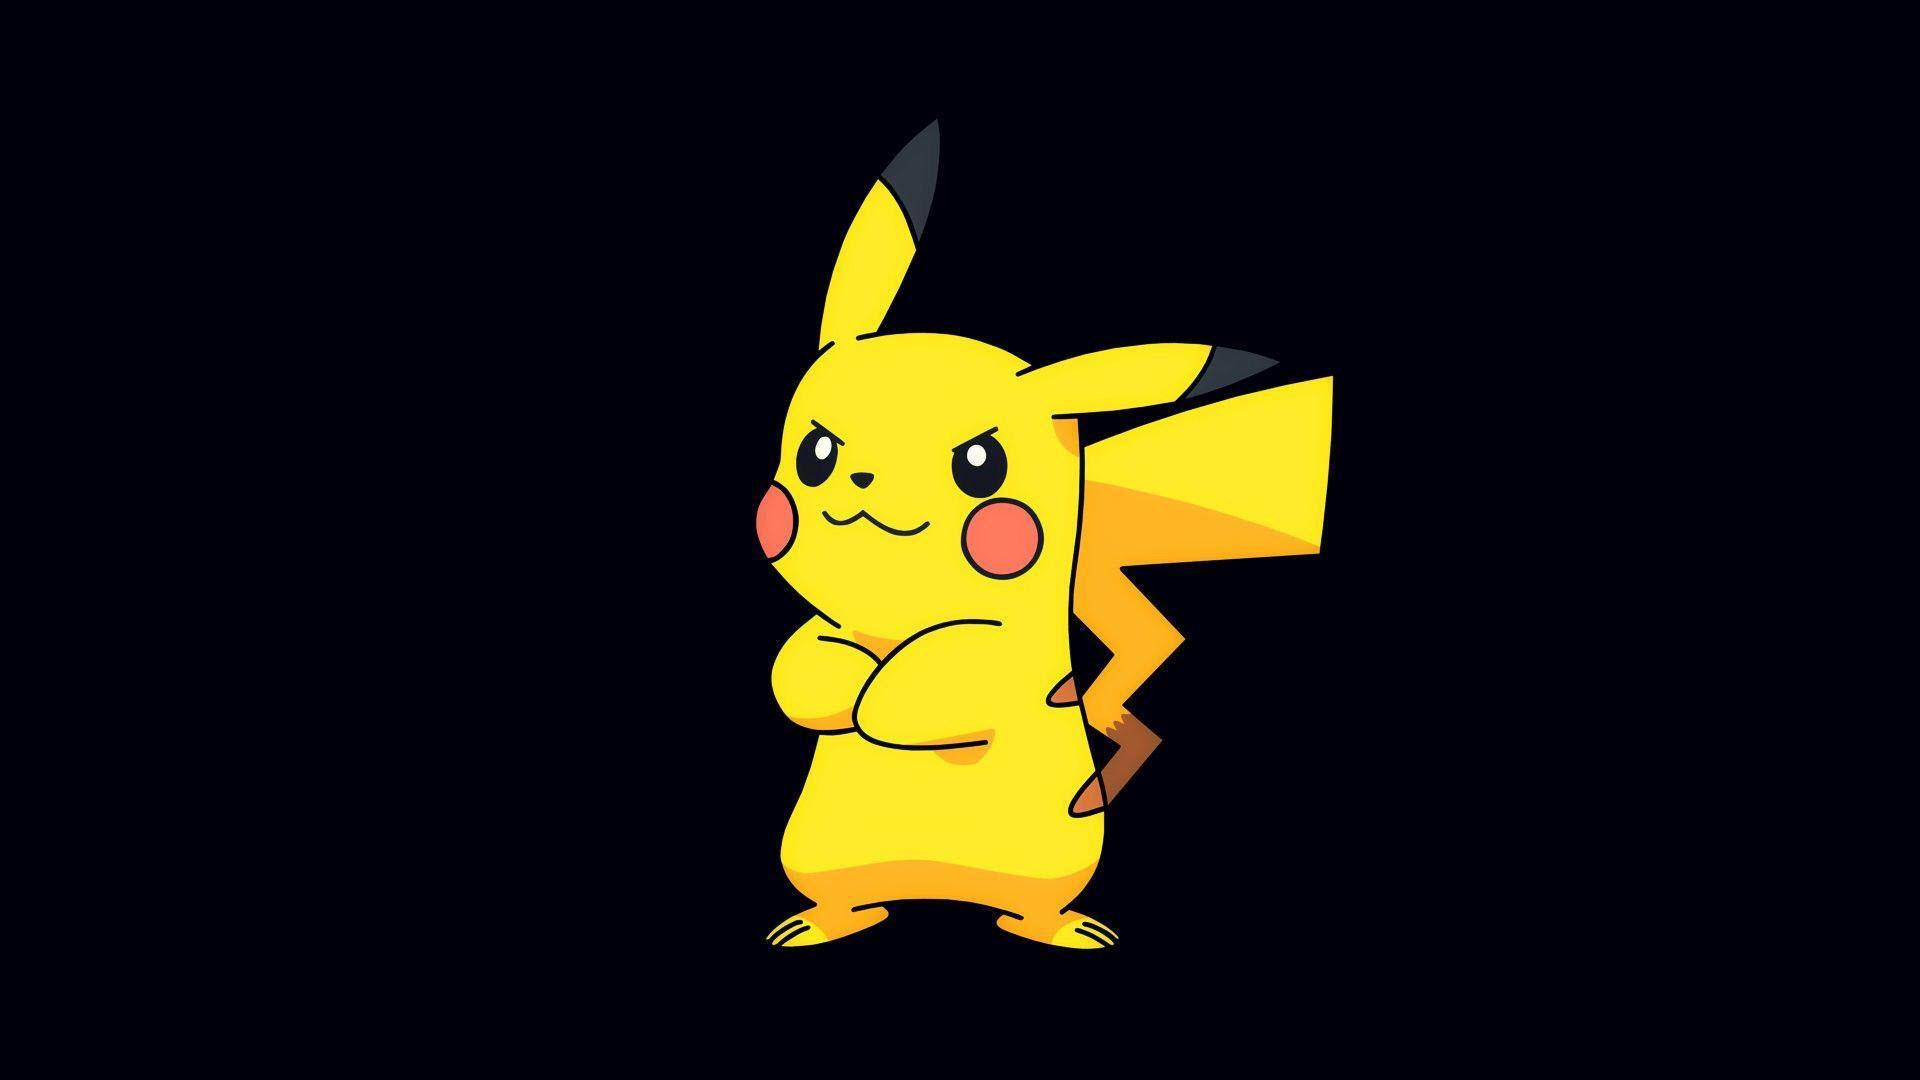 Hình nền Pikachu cực chất